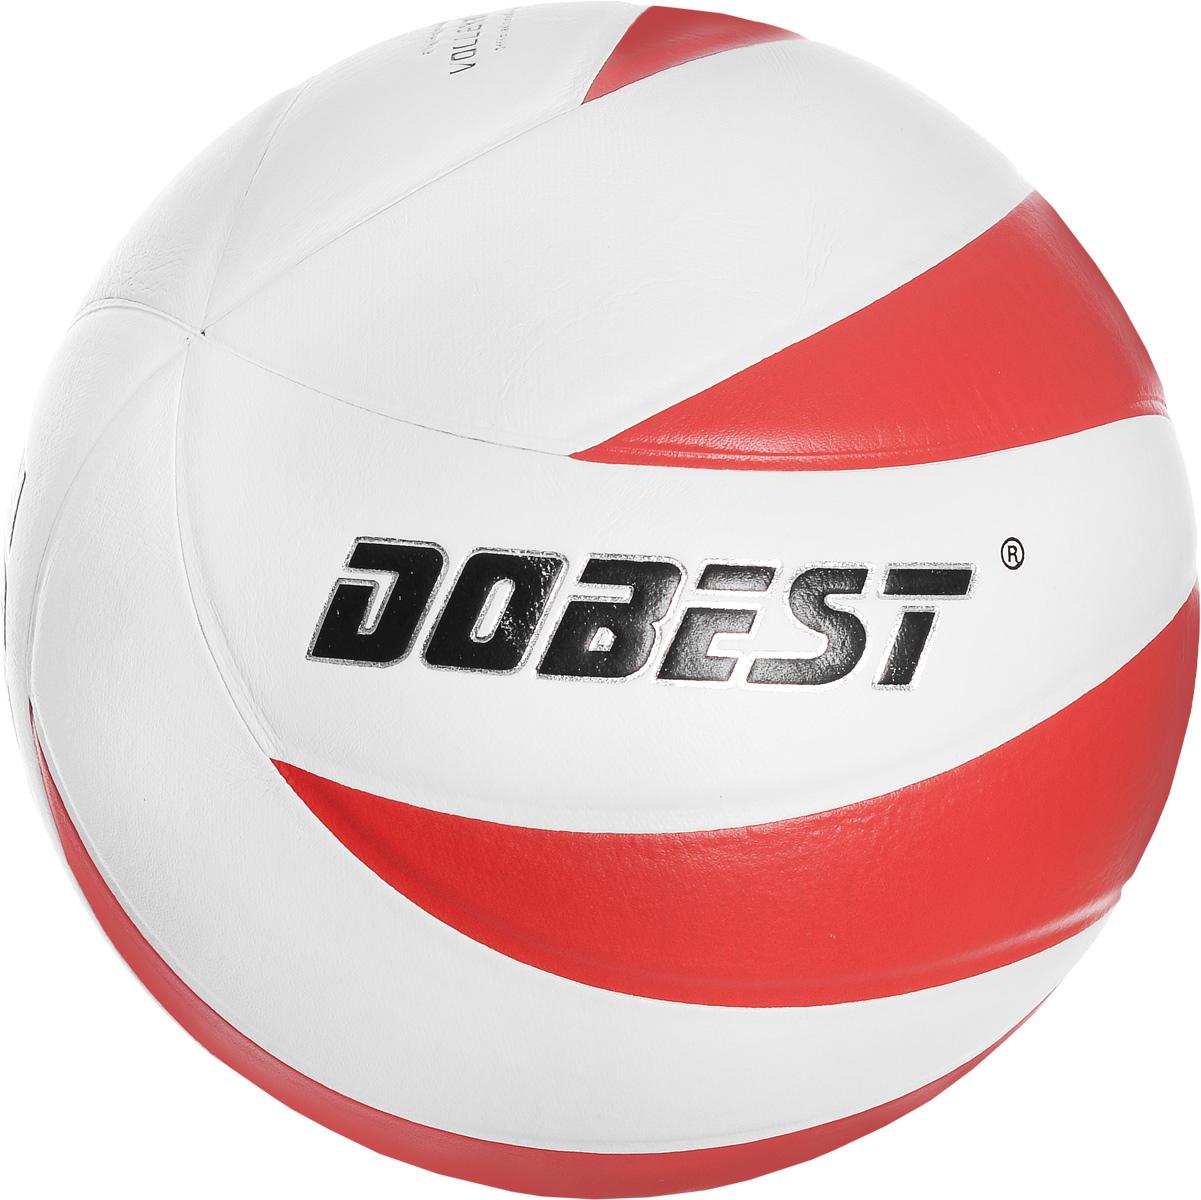 Мяч волейбольный Dobest V5-SU028R-12. Размер 528262076Волейбольный мяч Dobest V5-SU028R-12 подойдет для любительской игры на улице и в зале. Изделие выполнено из прочной синтетической кожи, камера - резина. Панели клееные. Количество панелей: 12. Количество слоев: 4. Вес: 260-280 г. УВАЖЕМЫЕ КЛИЕНТЫ! Обращаем ваше внимание на тот факт, что мяч поставляется в сдутом виде. Насос не входит в комплект.